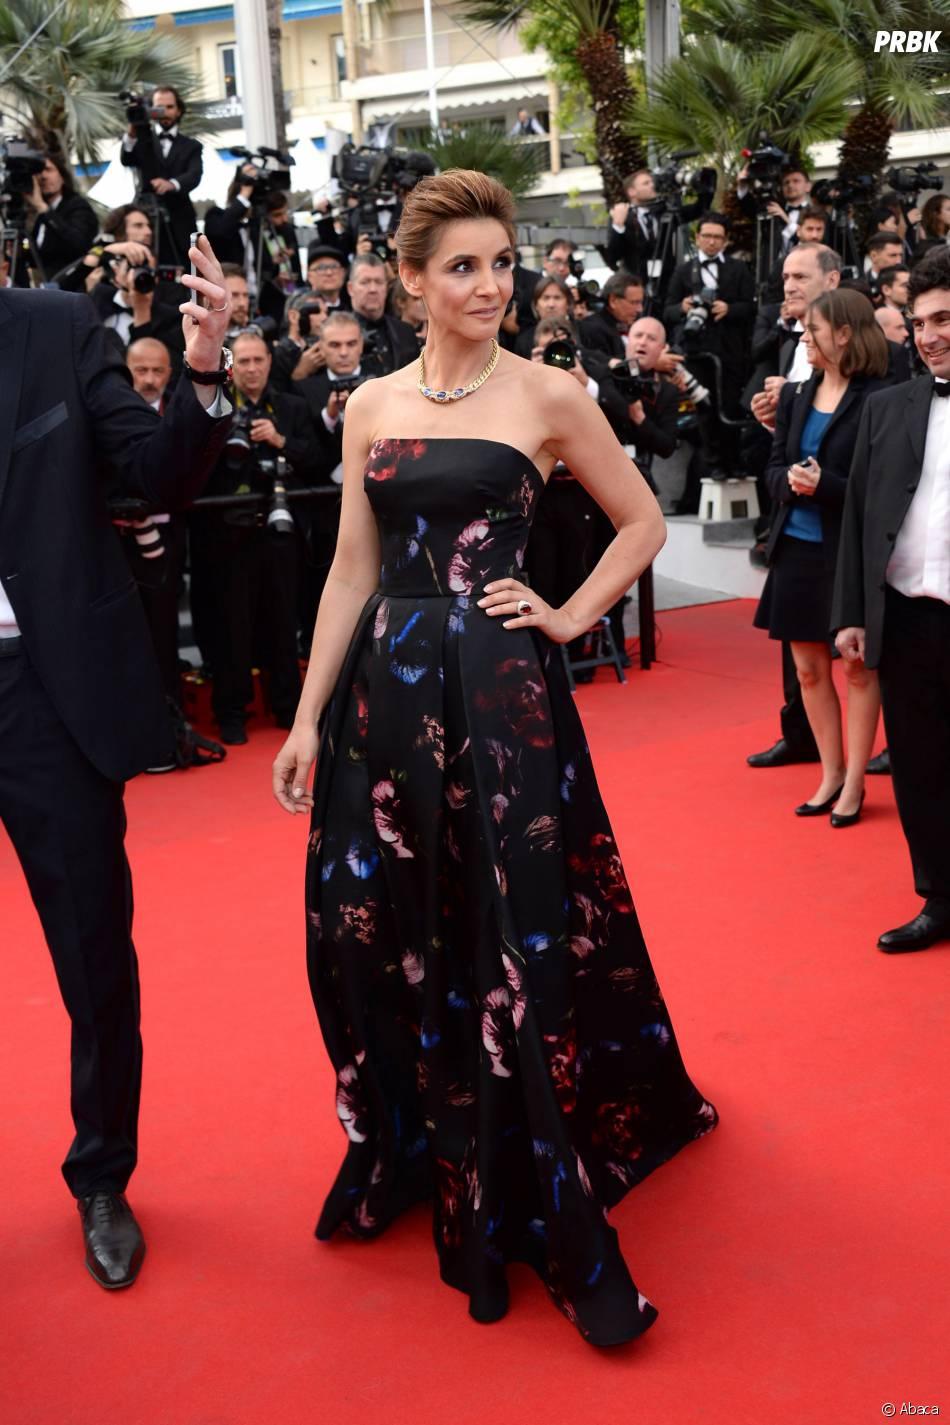 Clotilde Courau sur le tapis rouge du Festival de Cannes 2014, le vendredi 16 mai